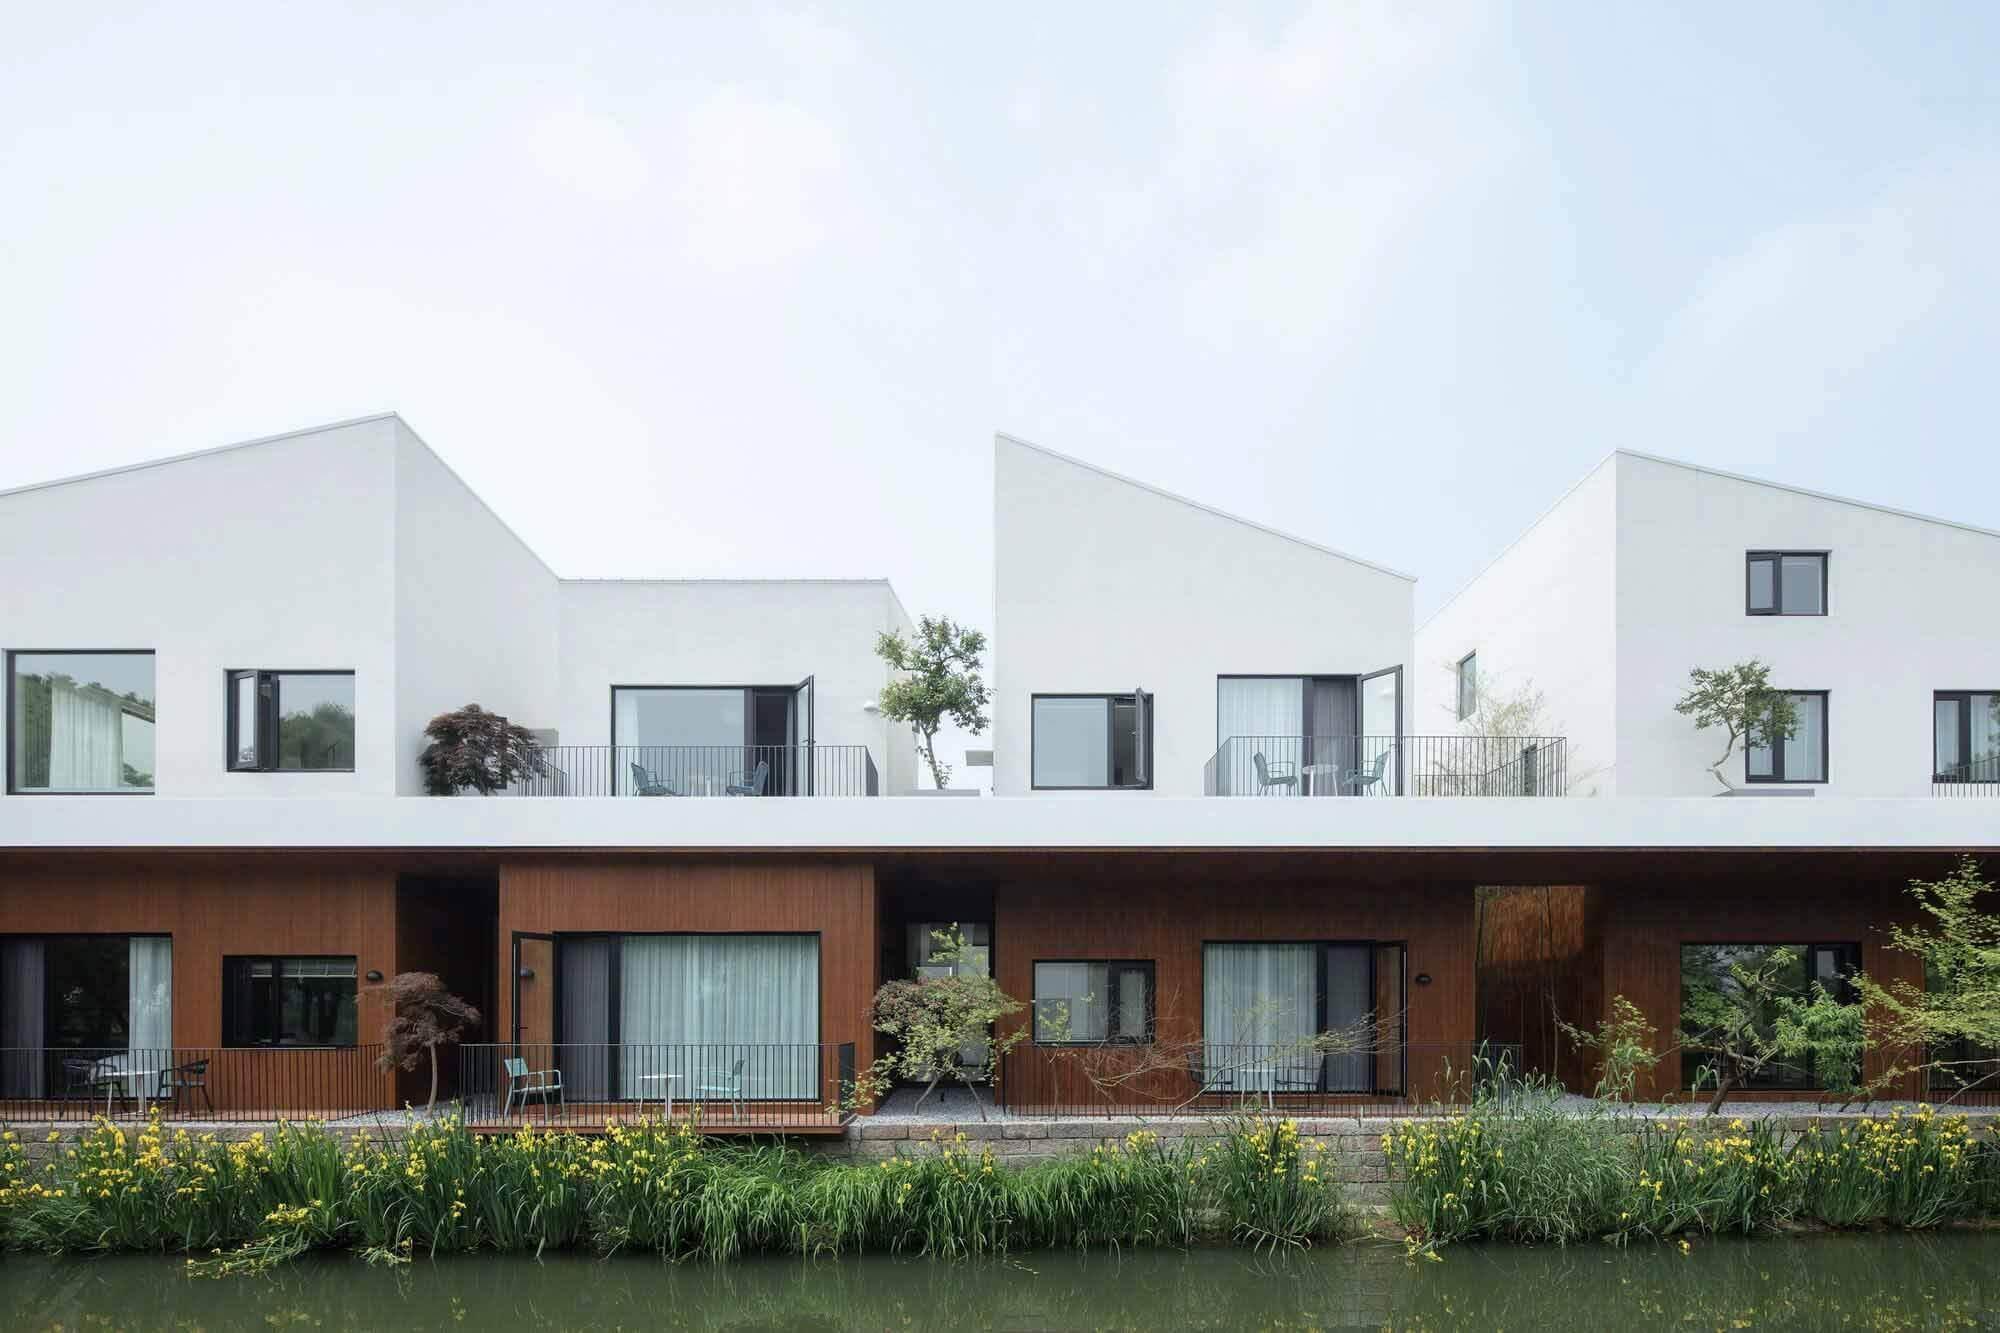 BAN Villa / BLUE Архитектурная студия